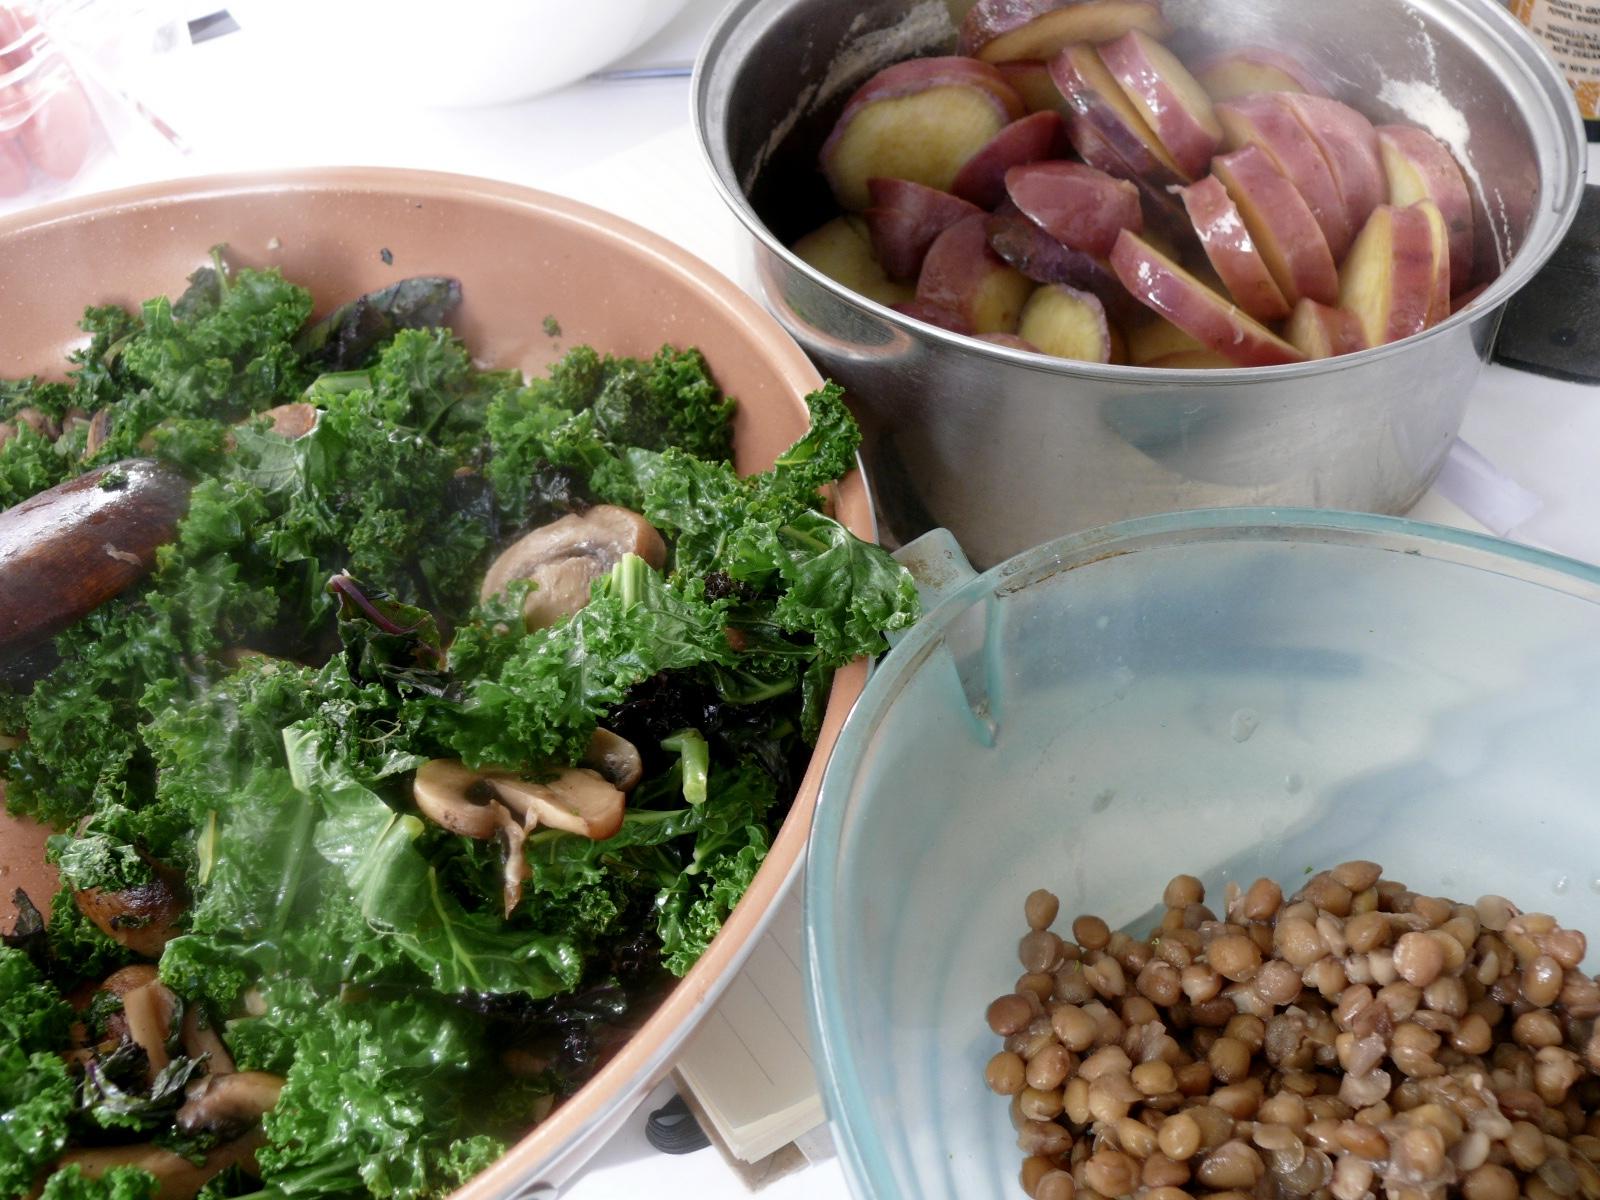 kumera mushroom and lentil bake